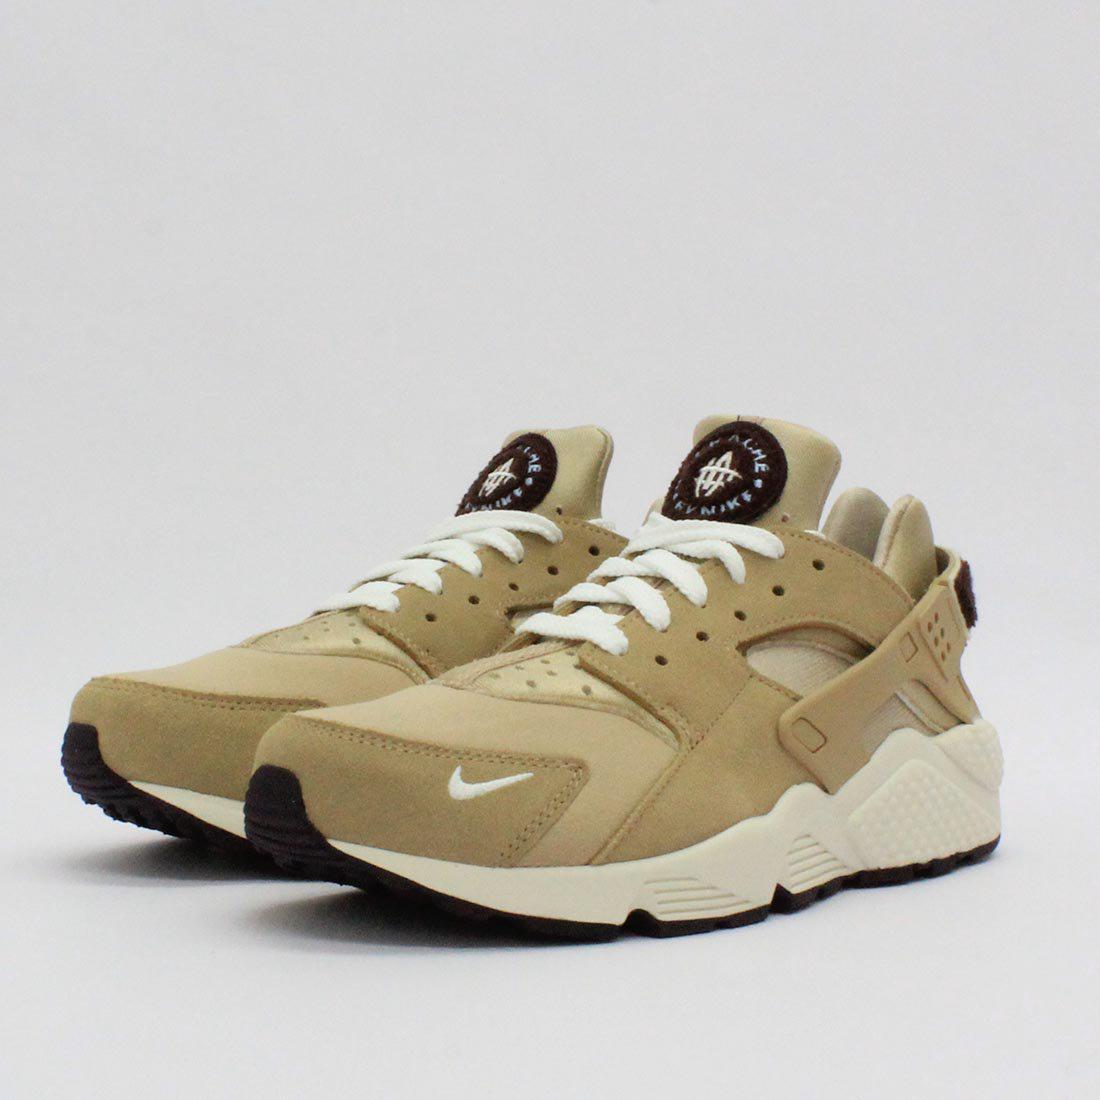 4a700652ec109d Lyst - Nike Trainers Nike Air Huarache Run Prm Desert 704830 202 for Men